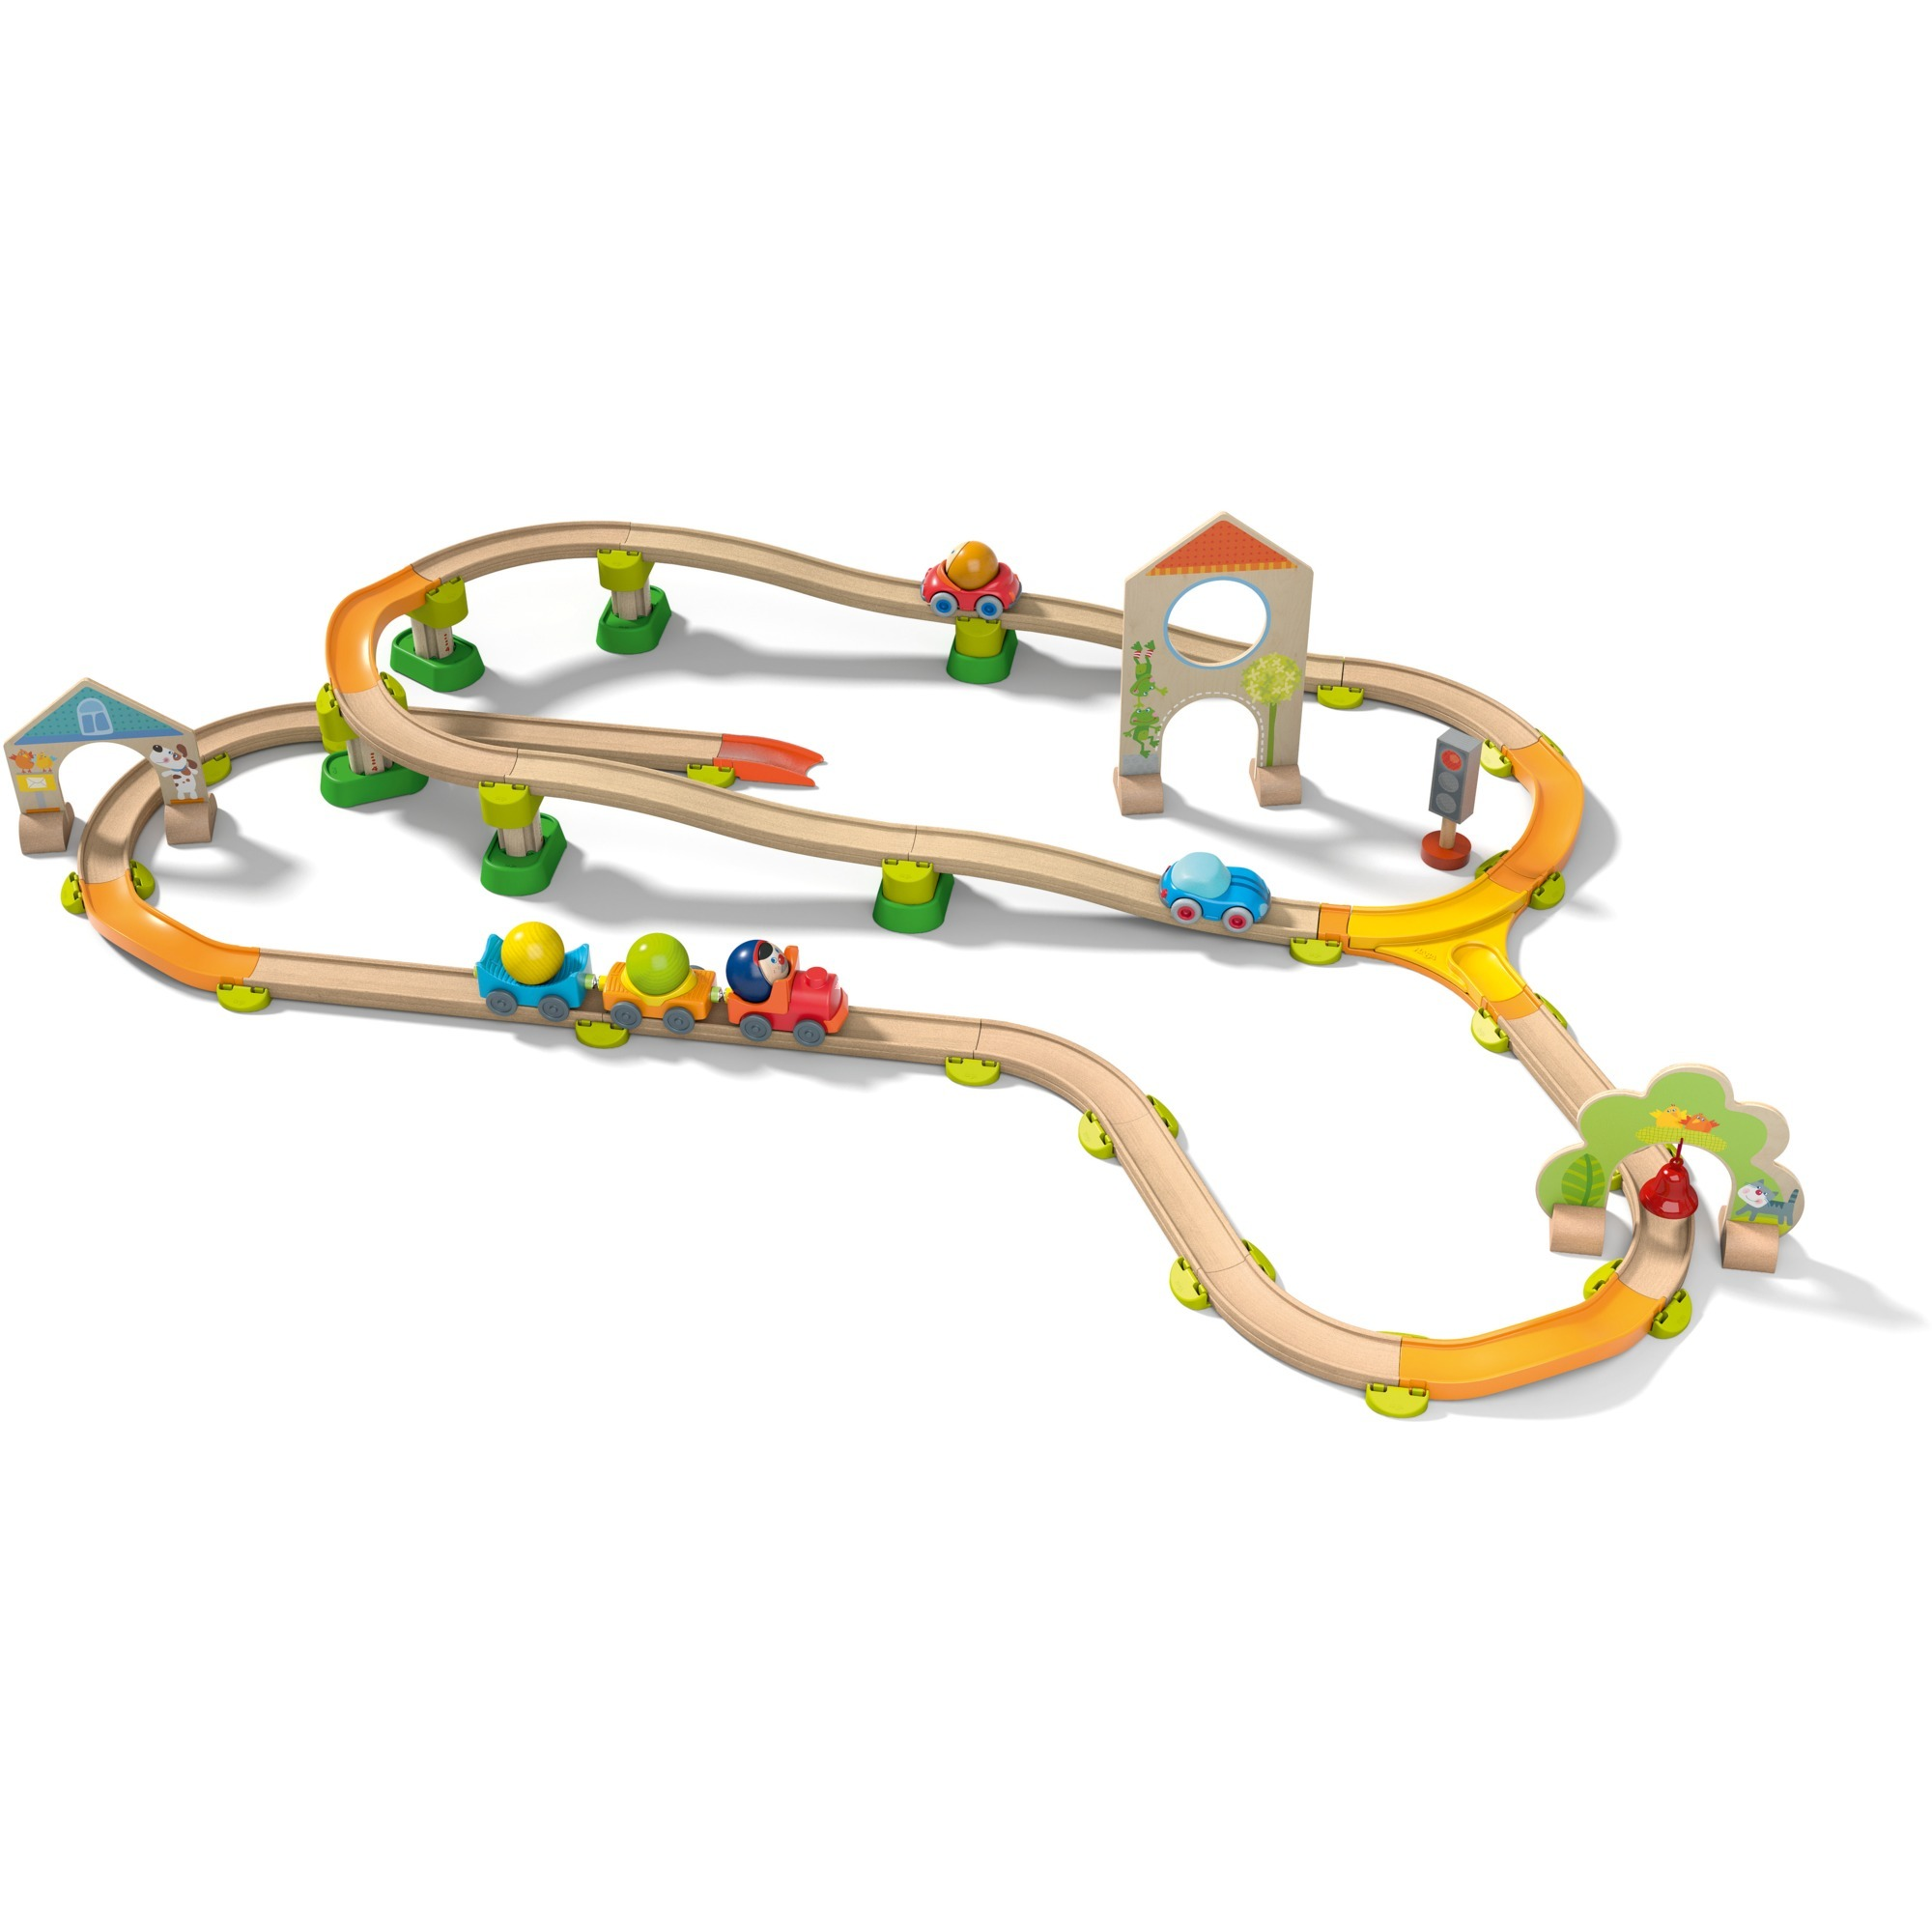 302061 De plástico pista para vehículos de juguete, Ferrocarril